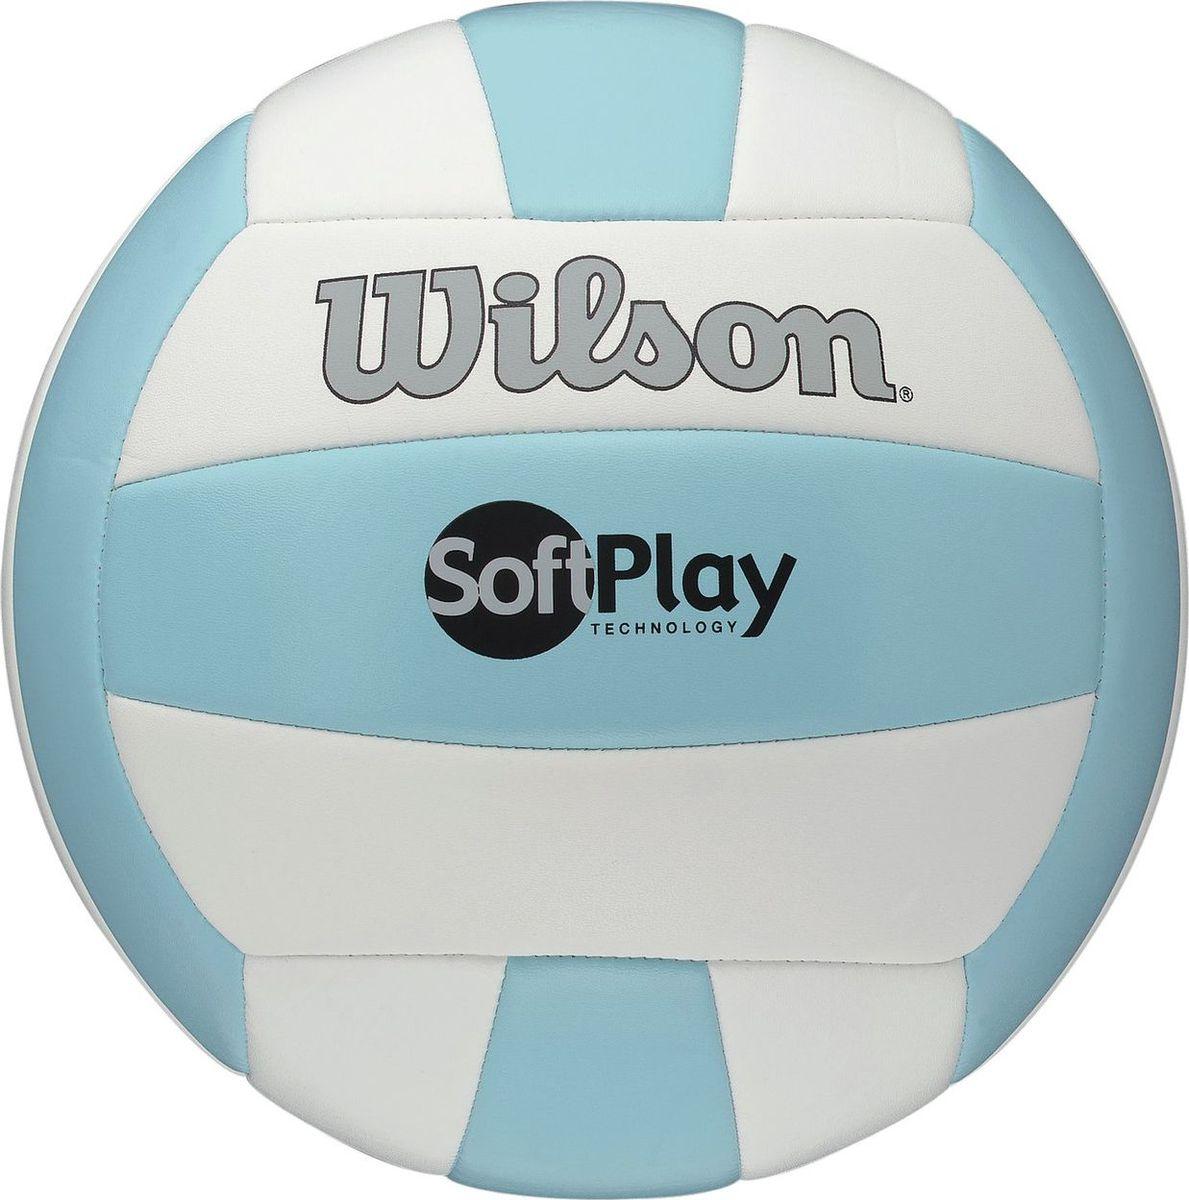 Мяч волейбольный Wilson Soft Play, цвет: красный, белый324214Механически сшитая мягкая констуркция мяча с синтетическим покрытием. Серебряный логотип Wilson, износоустойчивый.